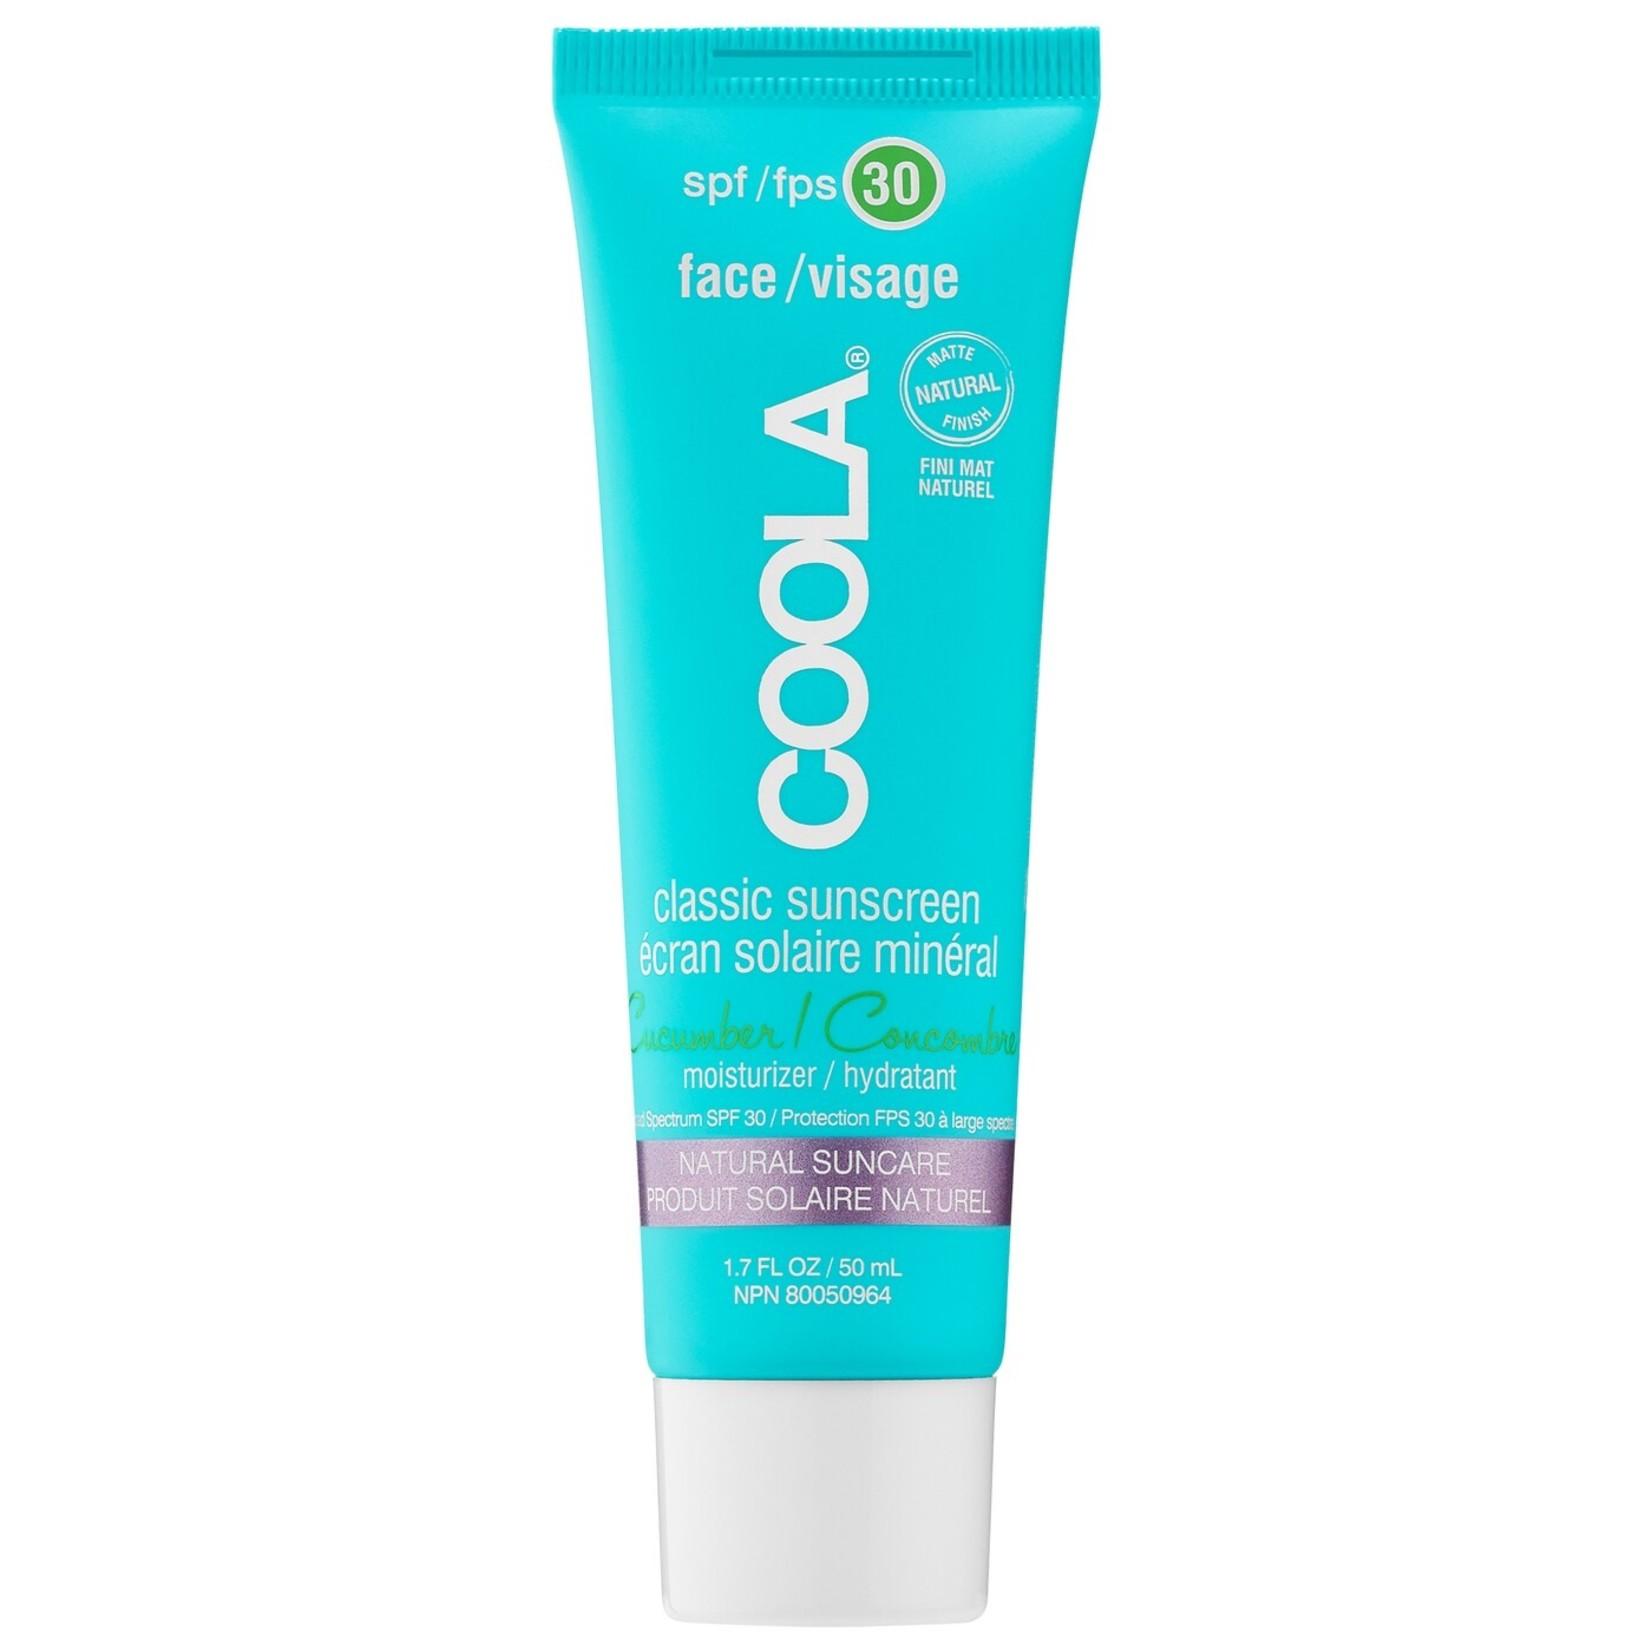 Coola Écran solaire concombre SPF 30 (visage)